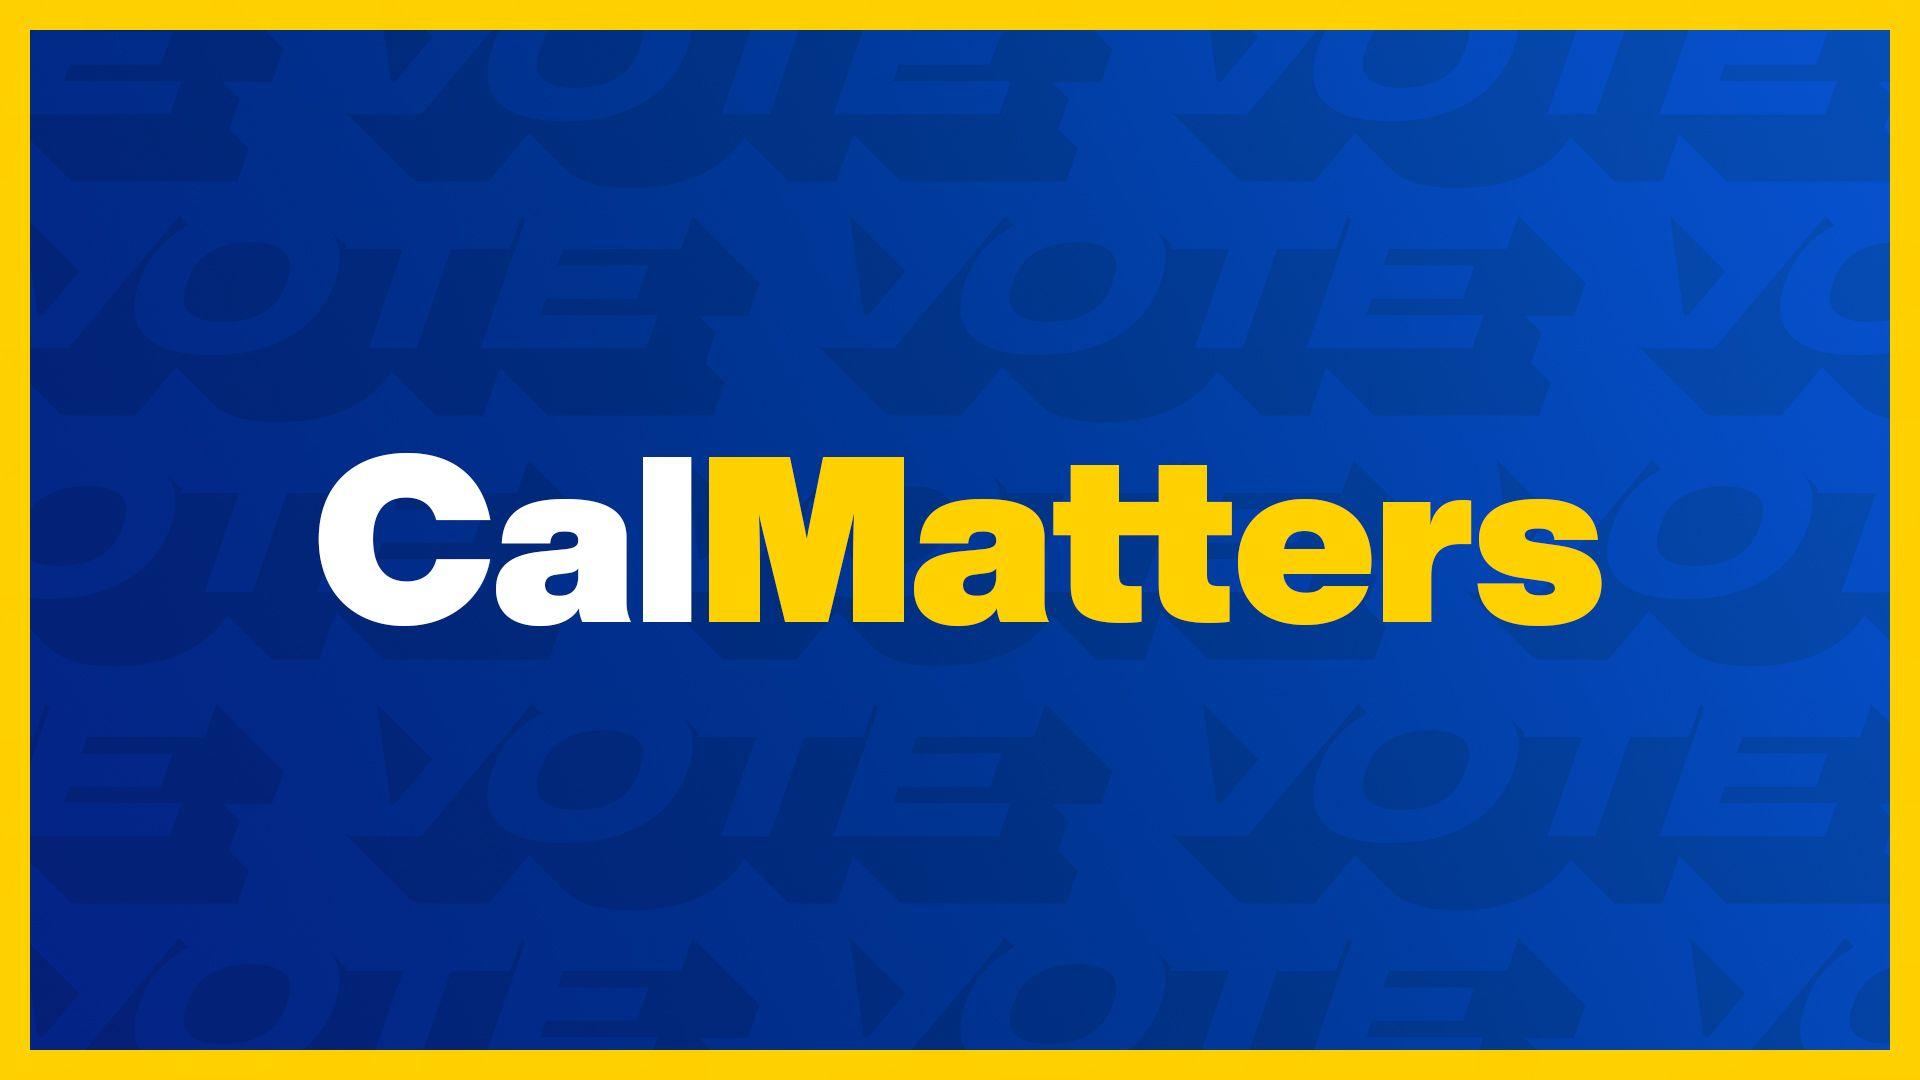 cal-matters-rtv-page